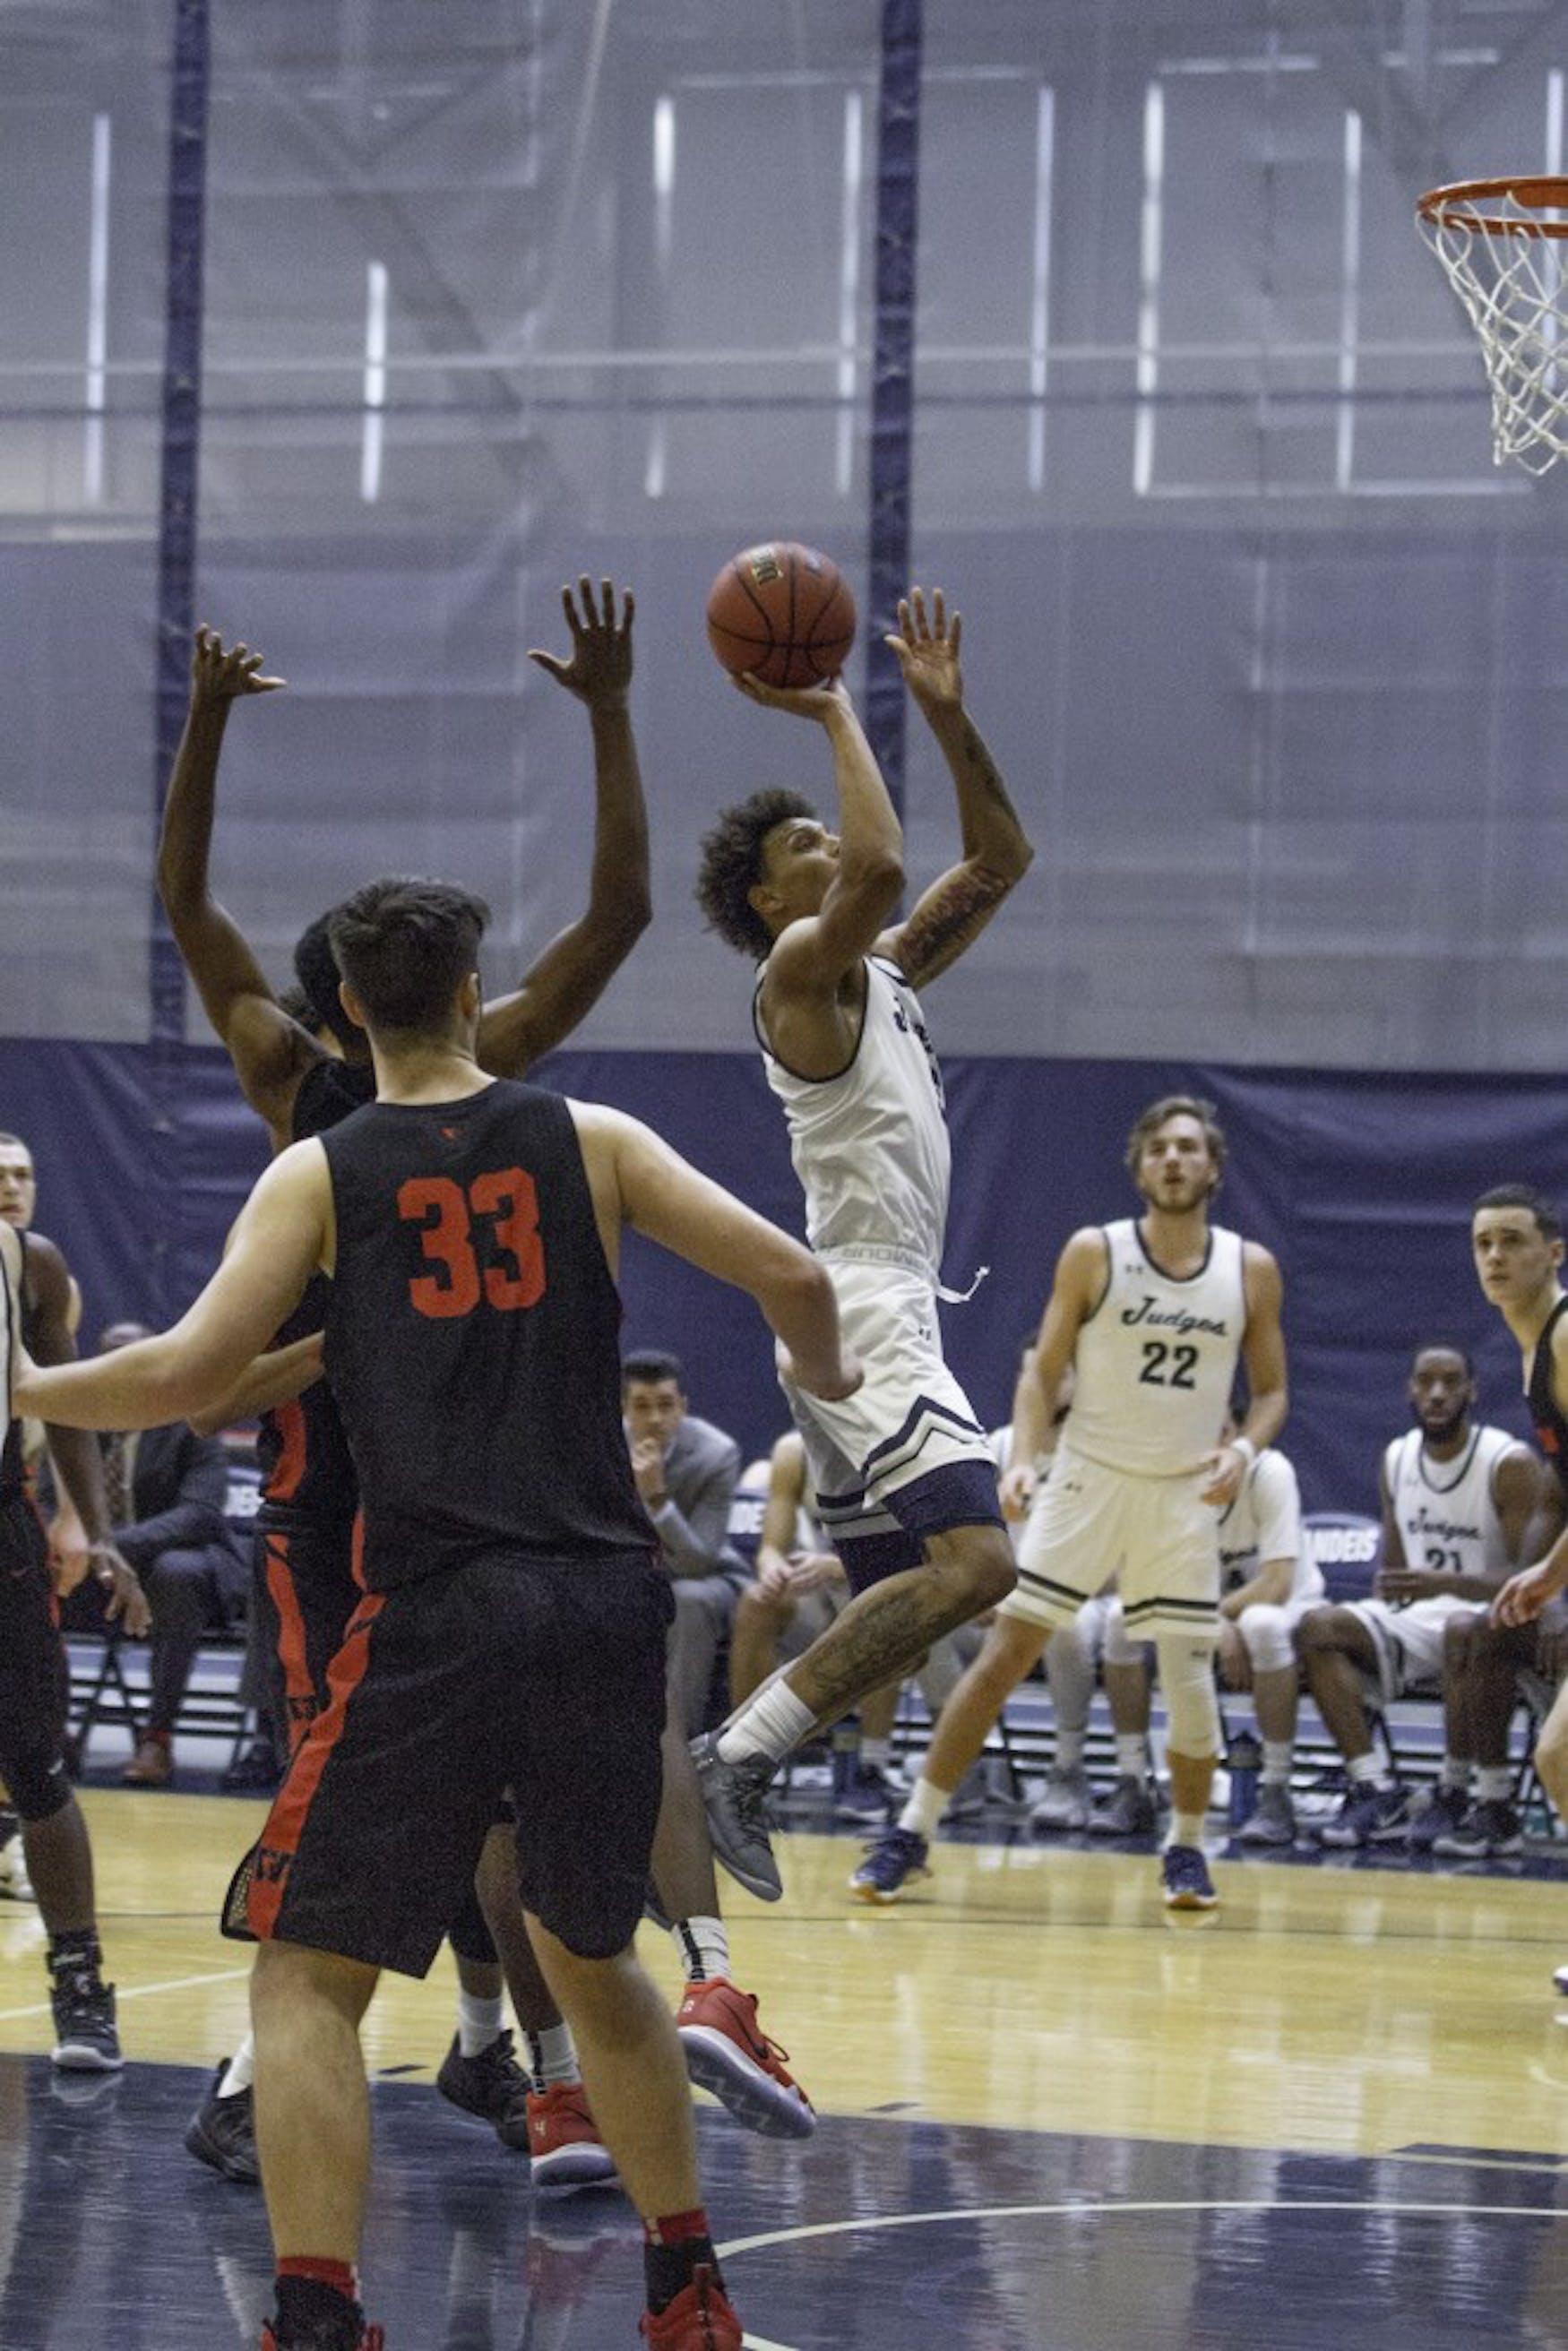 Basketball M vs. Wesleyan 12.8.18 NW 0202.jpg